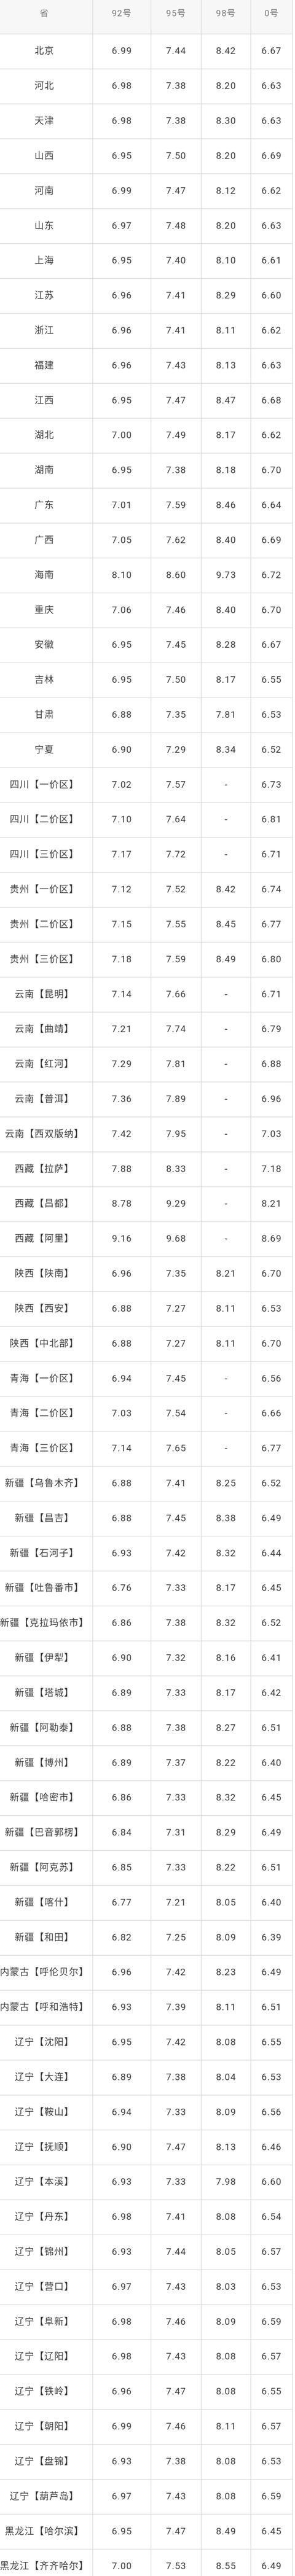 全国油价调整信息:12月31日调整后:全国92、95号汽油价格表!